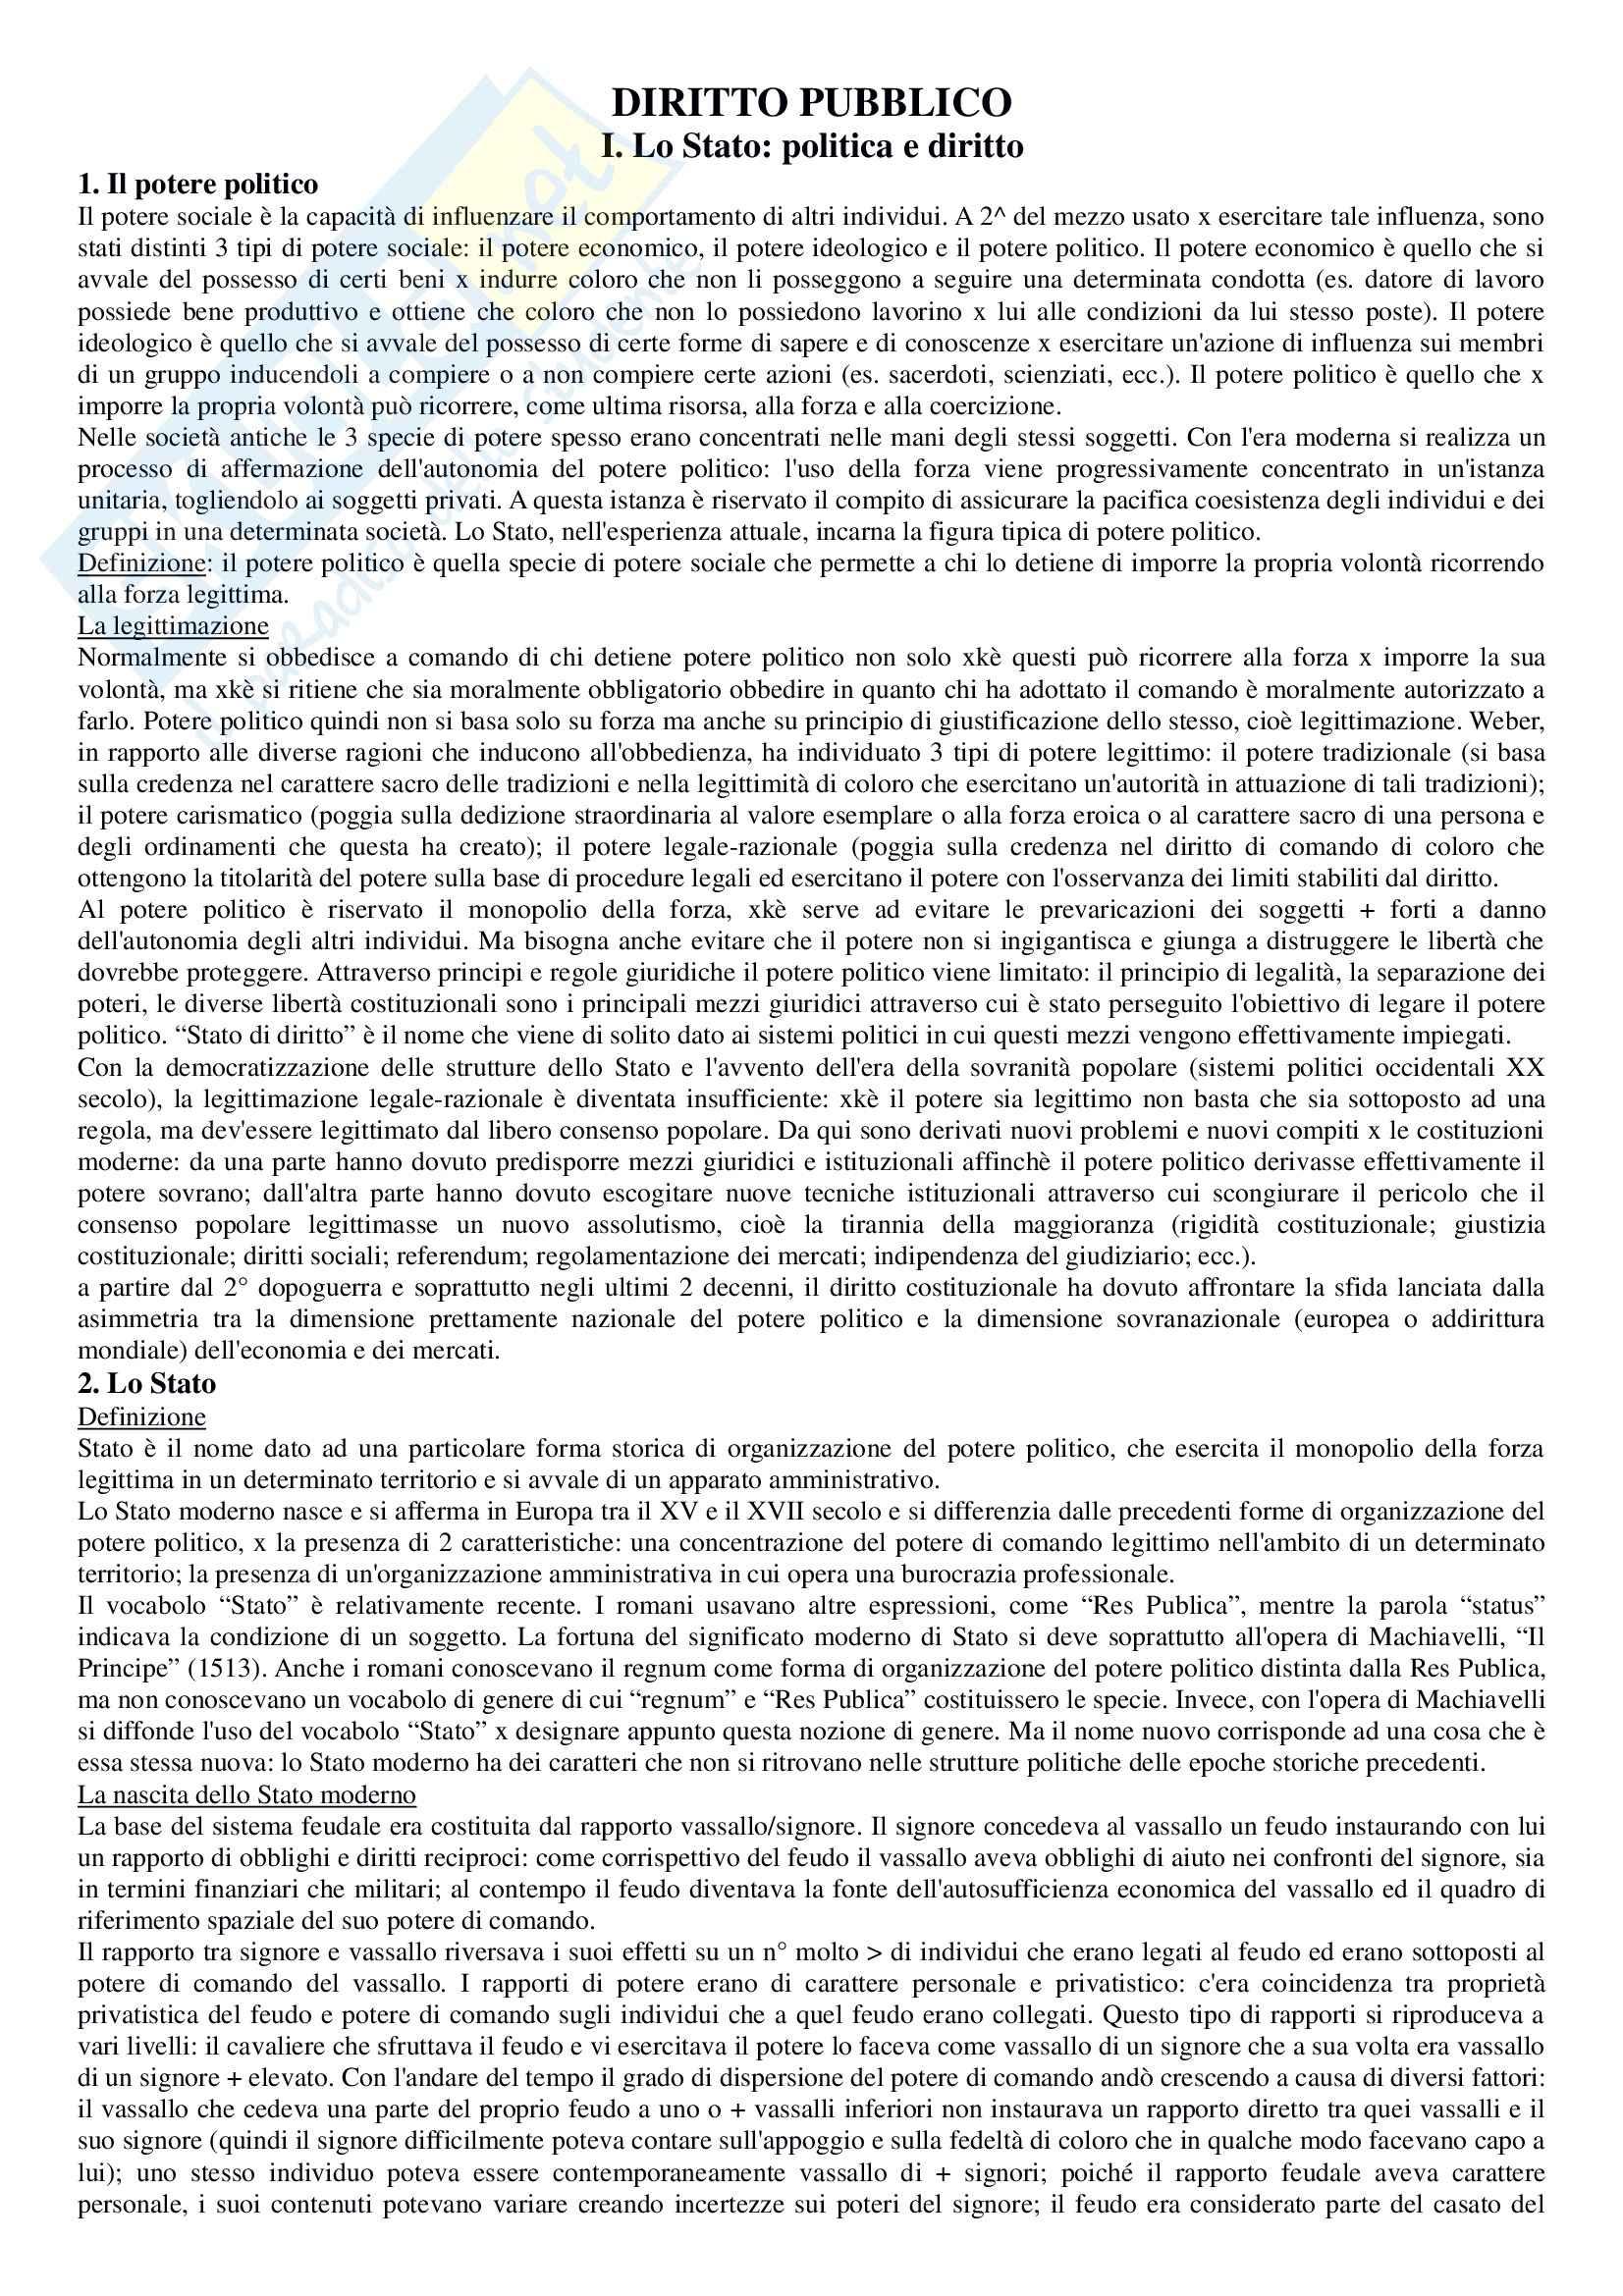 Riassunto esame Diritto pubblico, prof. Strazzari, libro consigliato Diritto pubblico Bin, Pitruzzella, Giappichelli